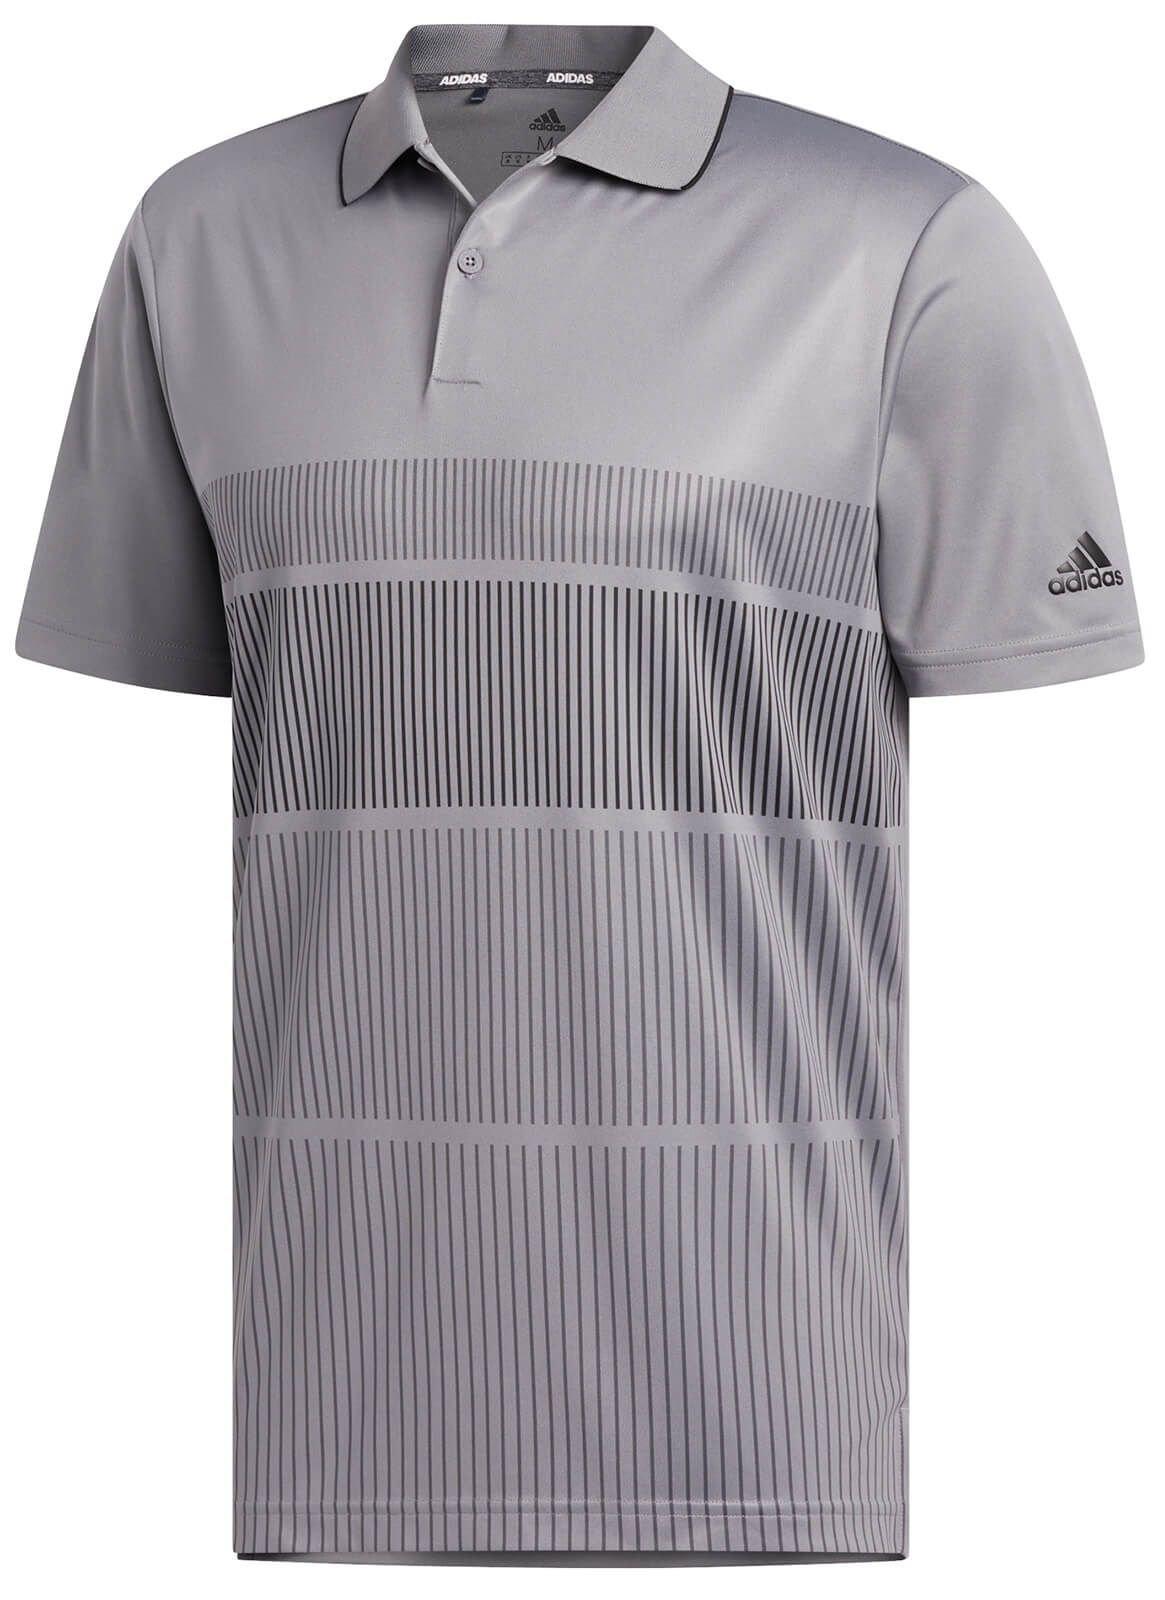 Adidas Key Sport Golf Polo Shirt ON